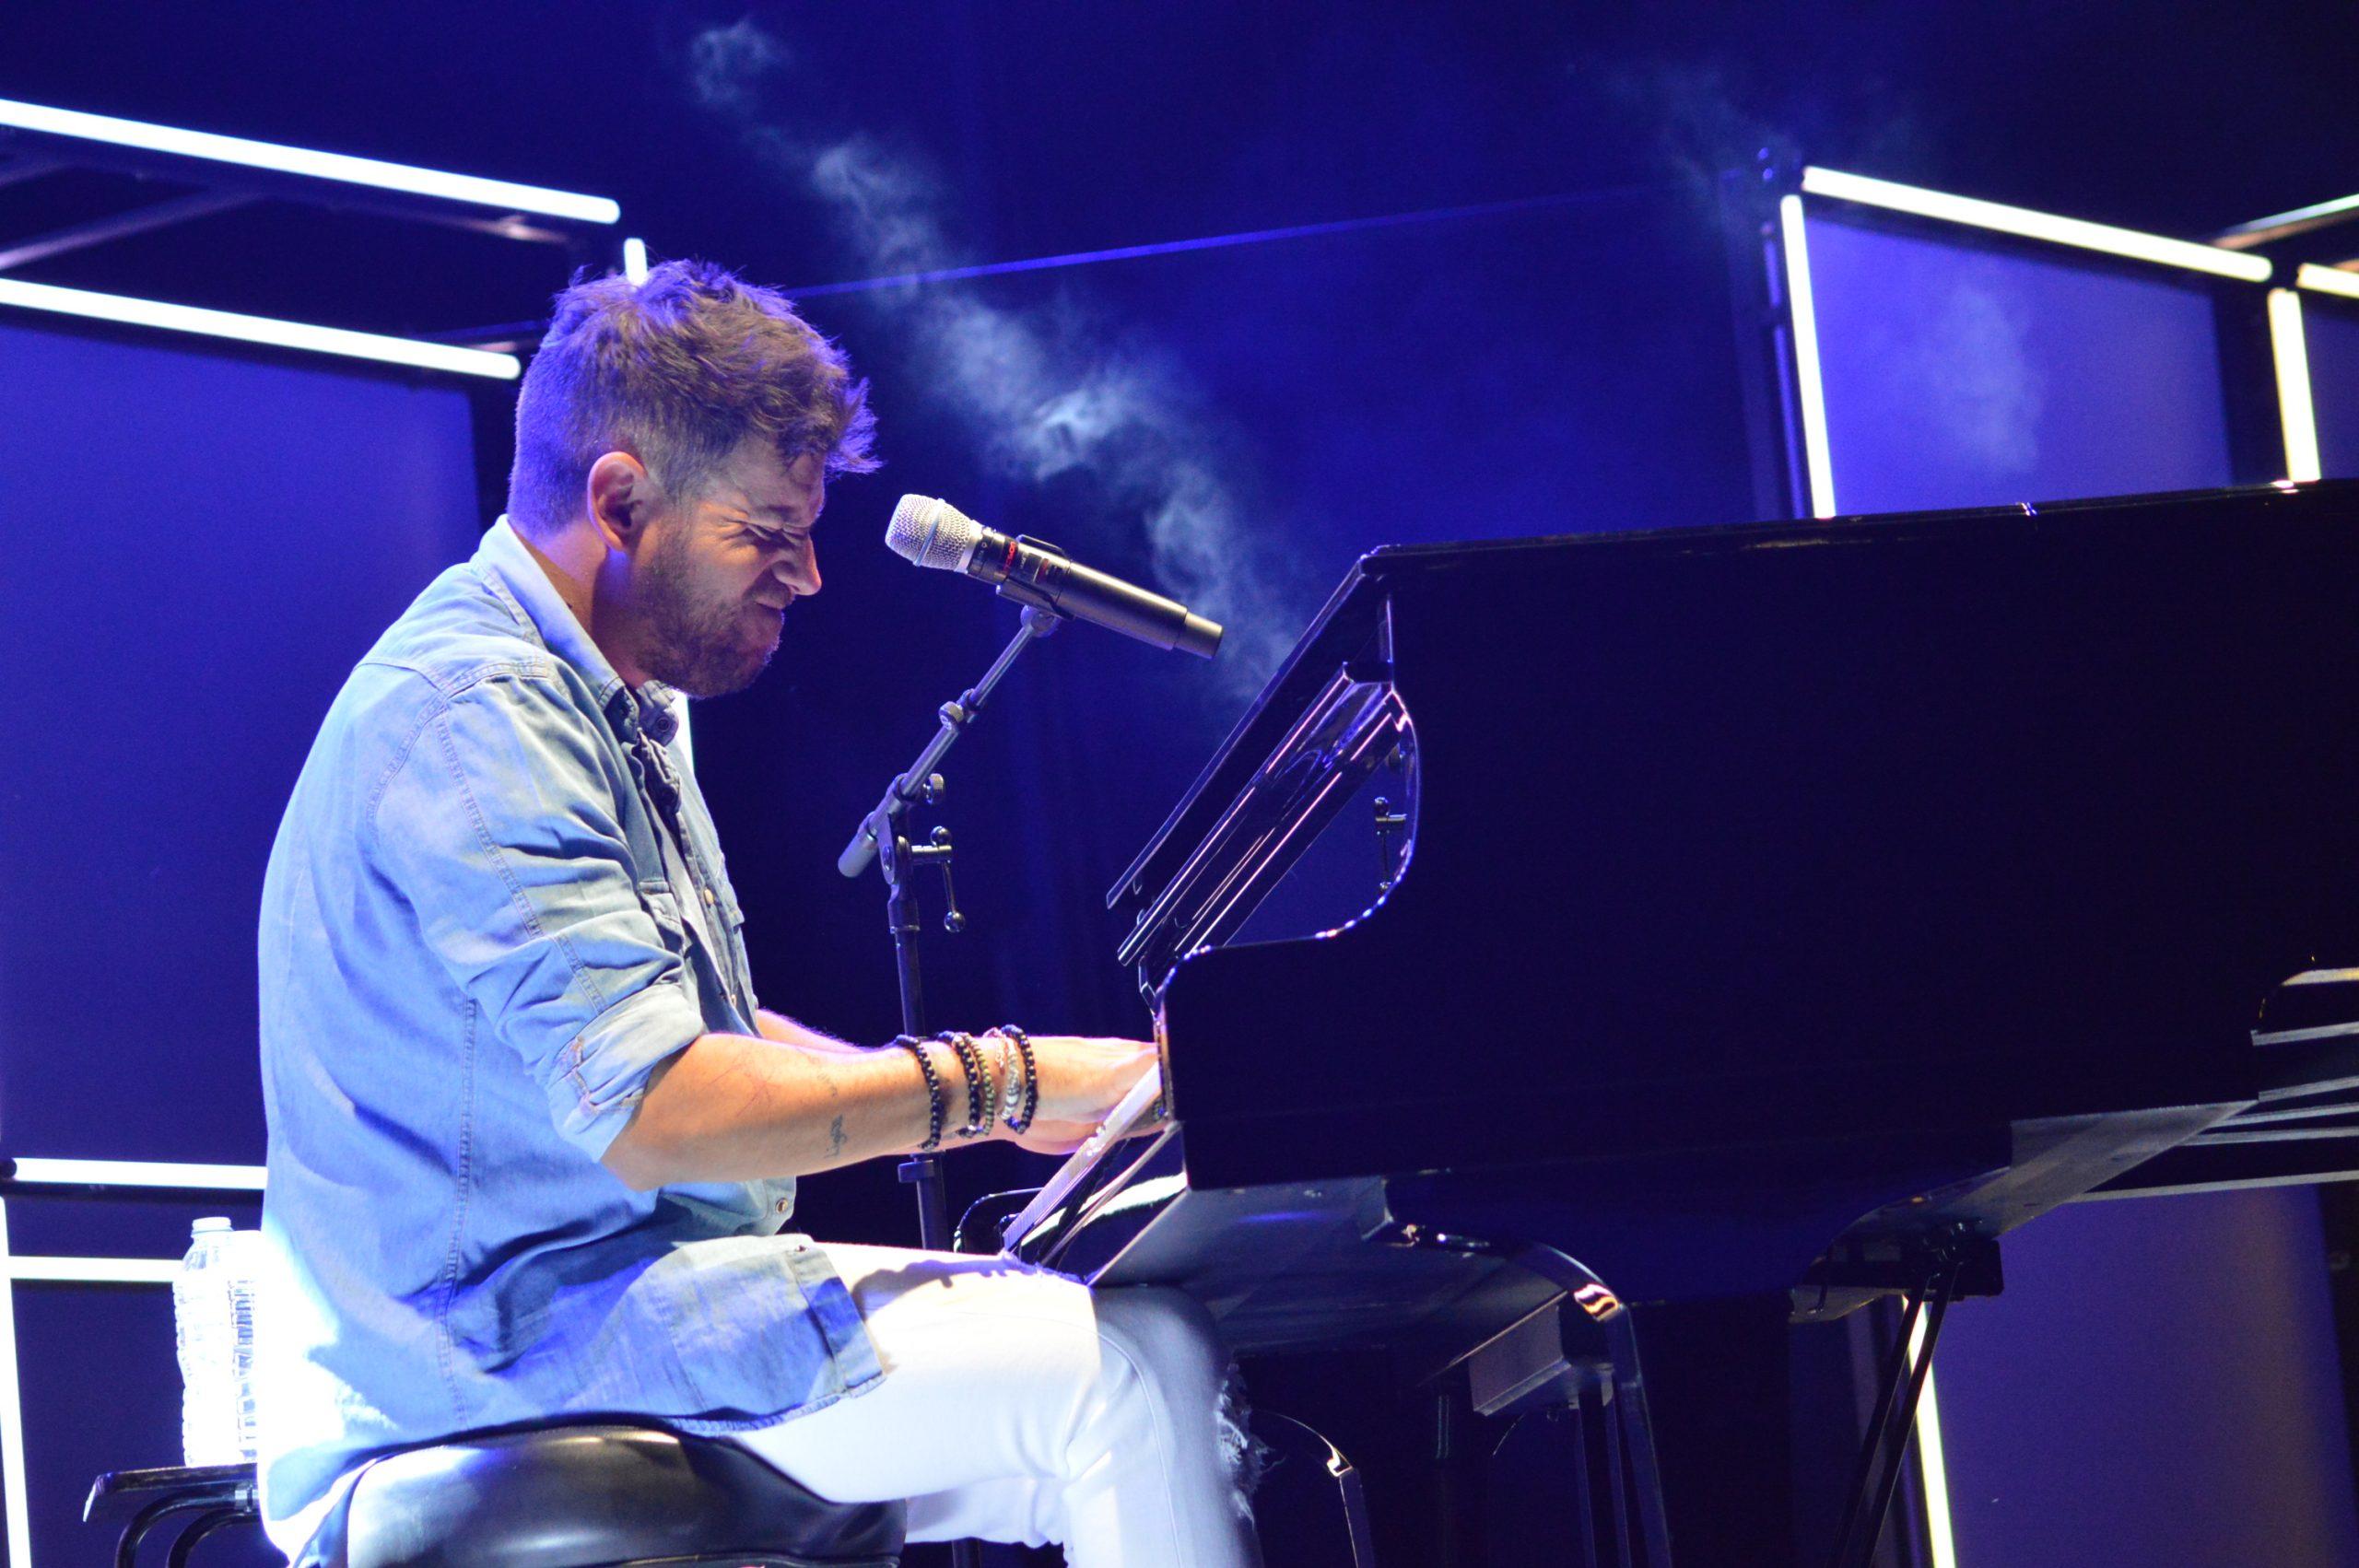 La gira 'López, piano y voz' de Pablo López pone el broche final a las fiestas de la Encina que nunca hubiéramos querido vivir 5